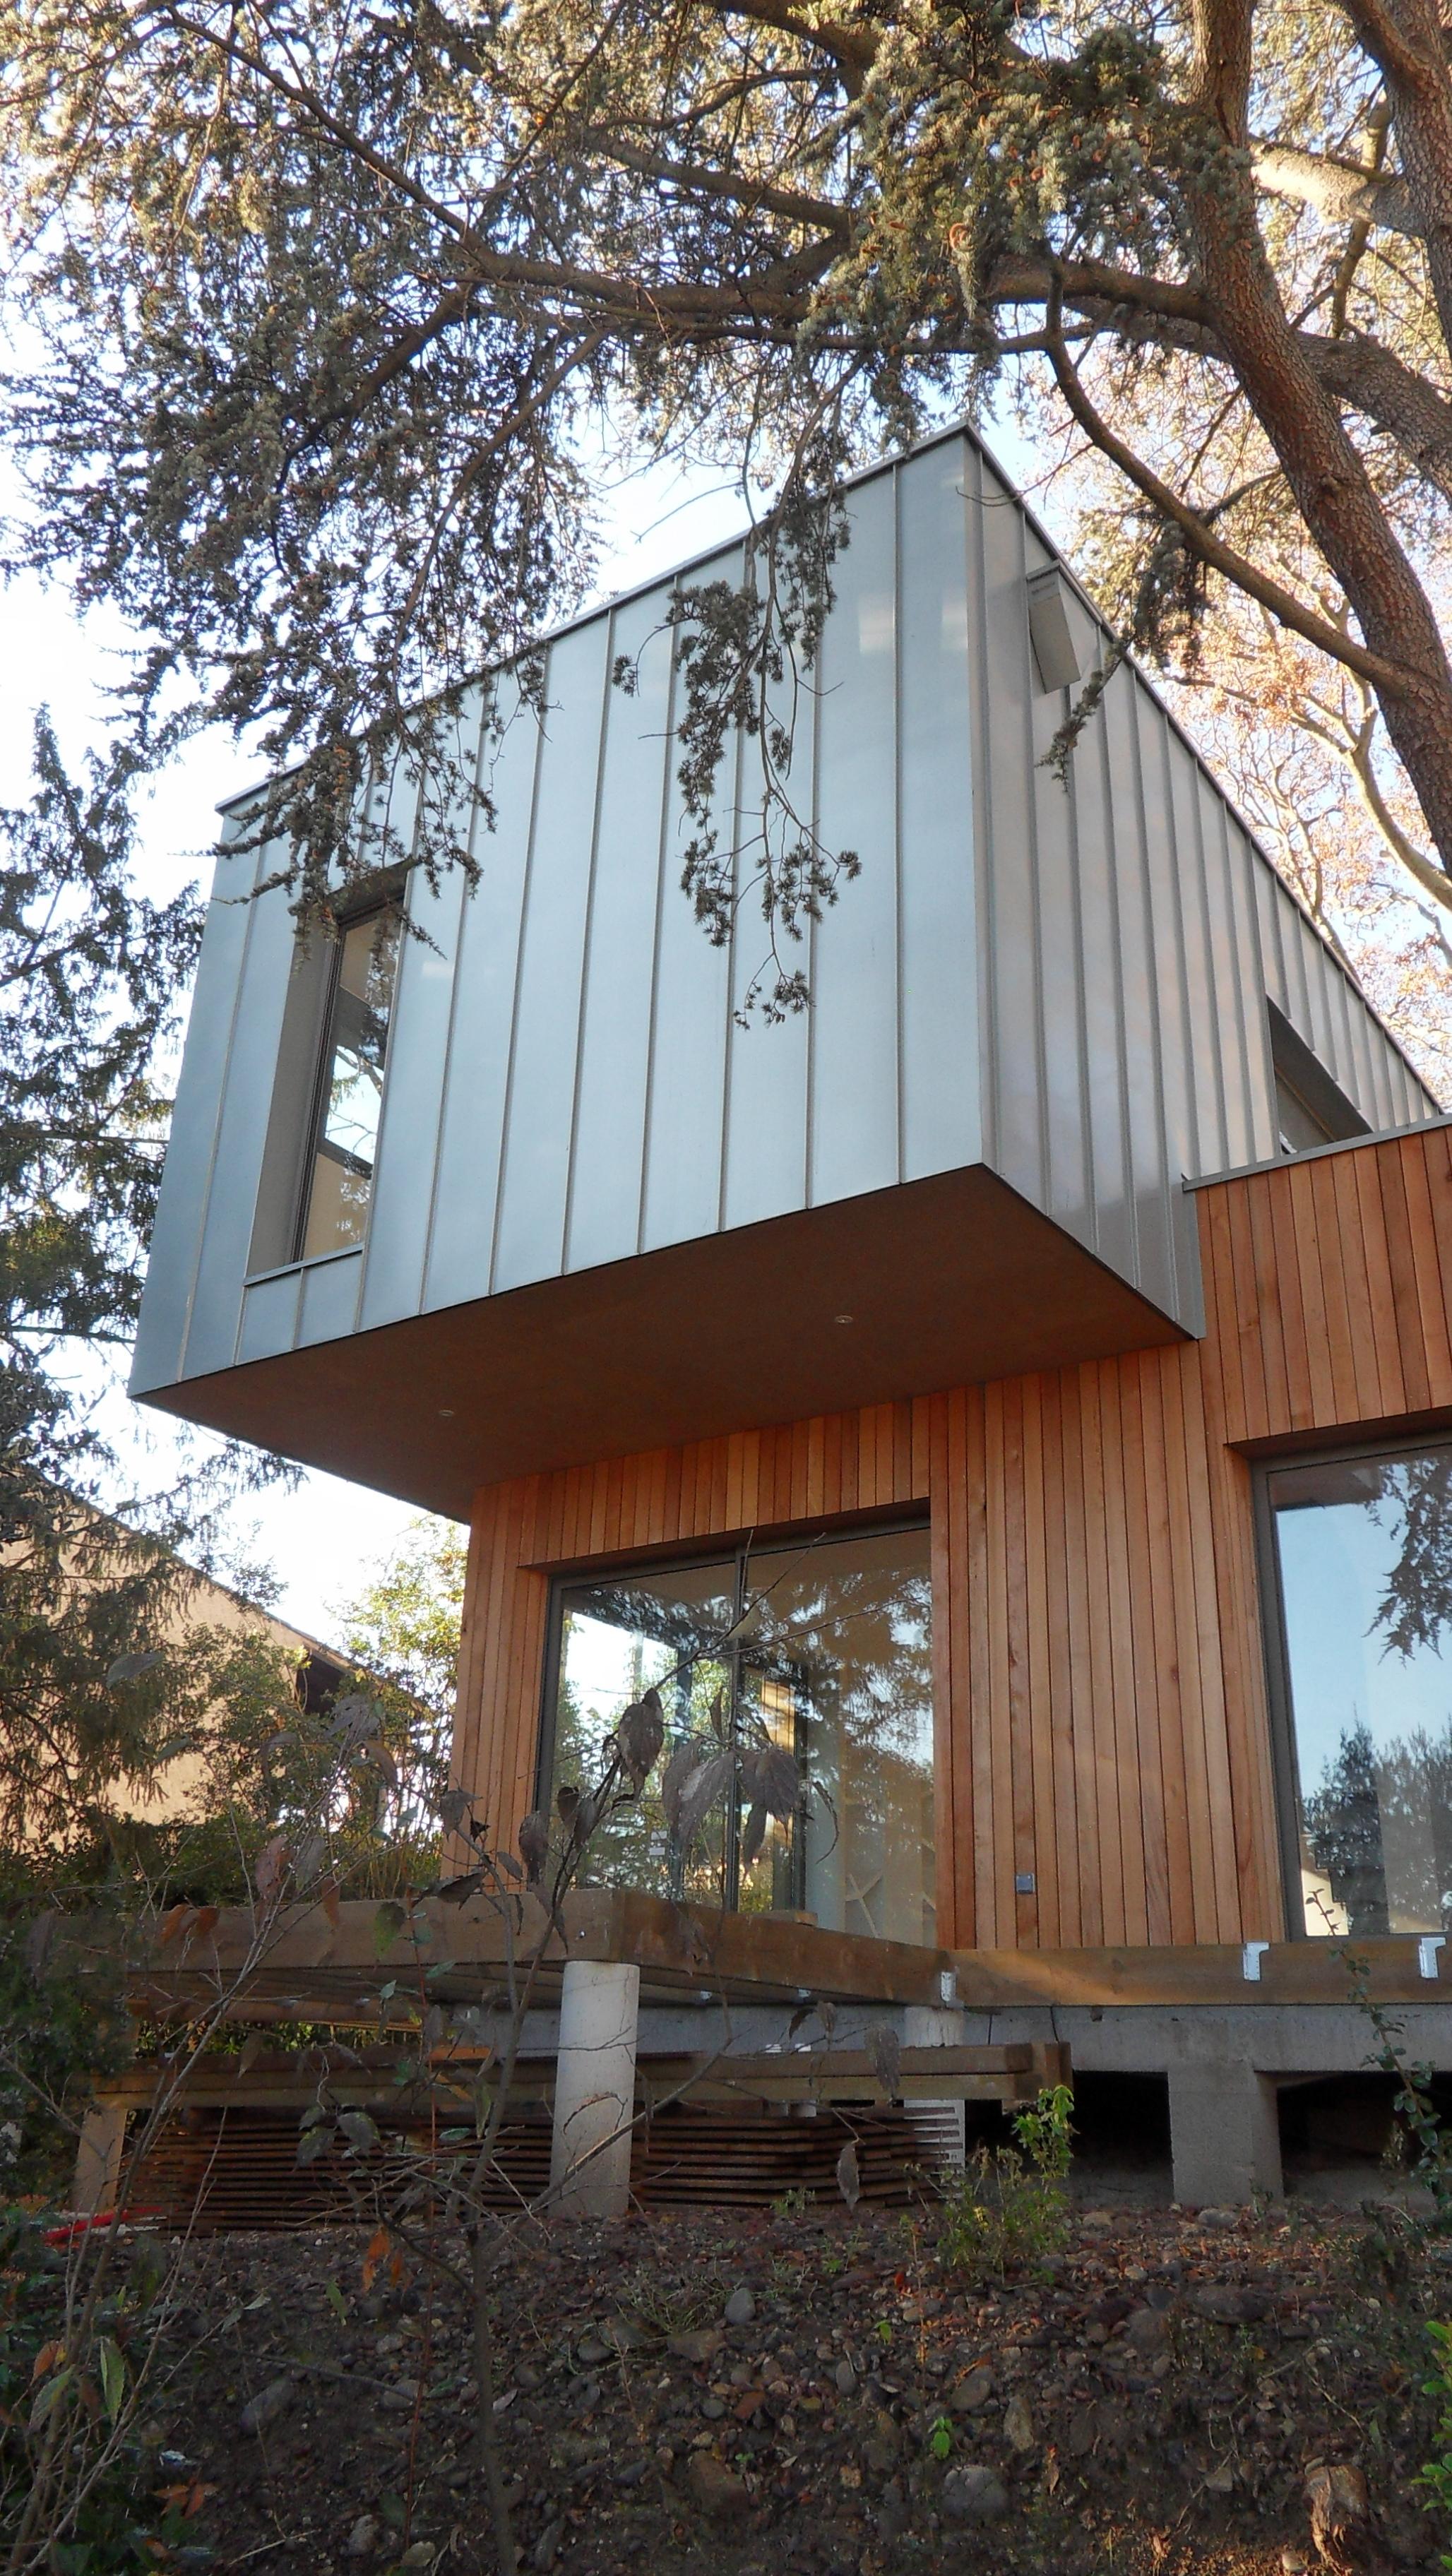 maison bois dans les arbres blagnac 2013 fabrice ginocchio. Black Bedroom Furniture Sets. Home Design Ideas